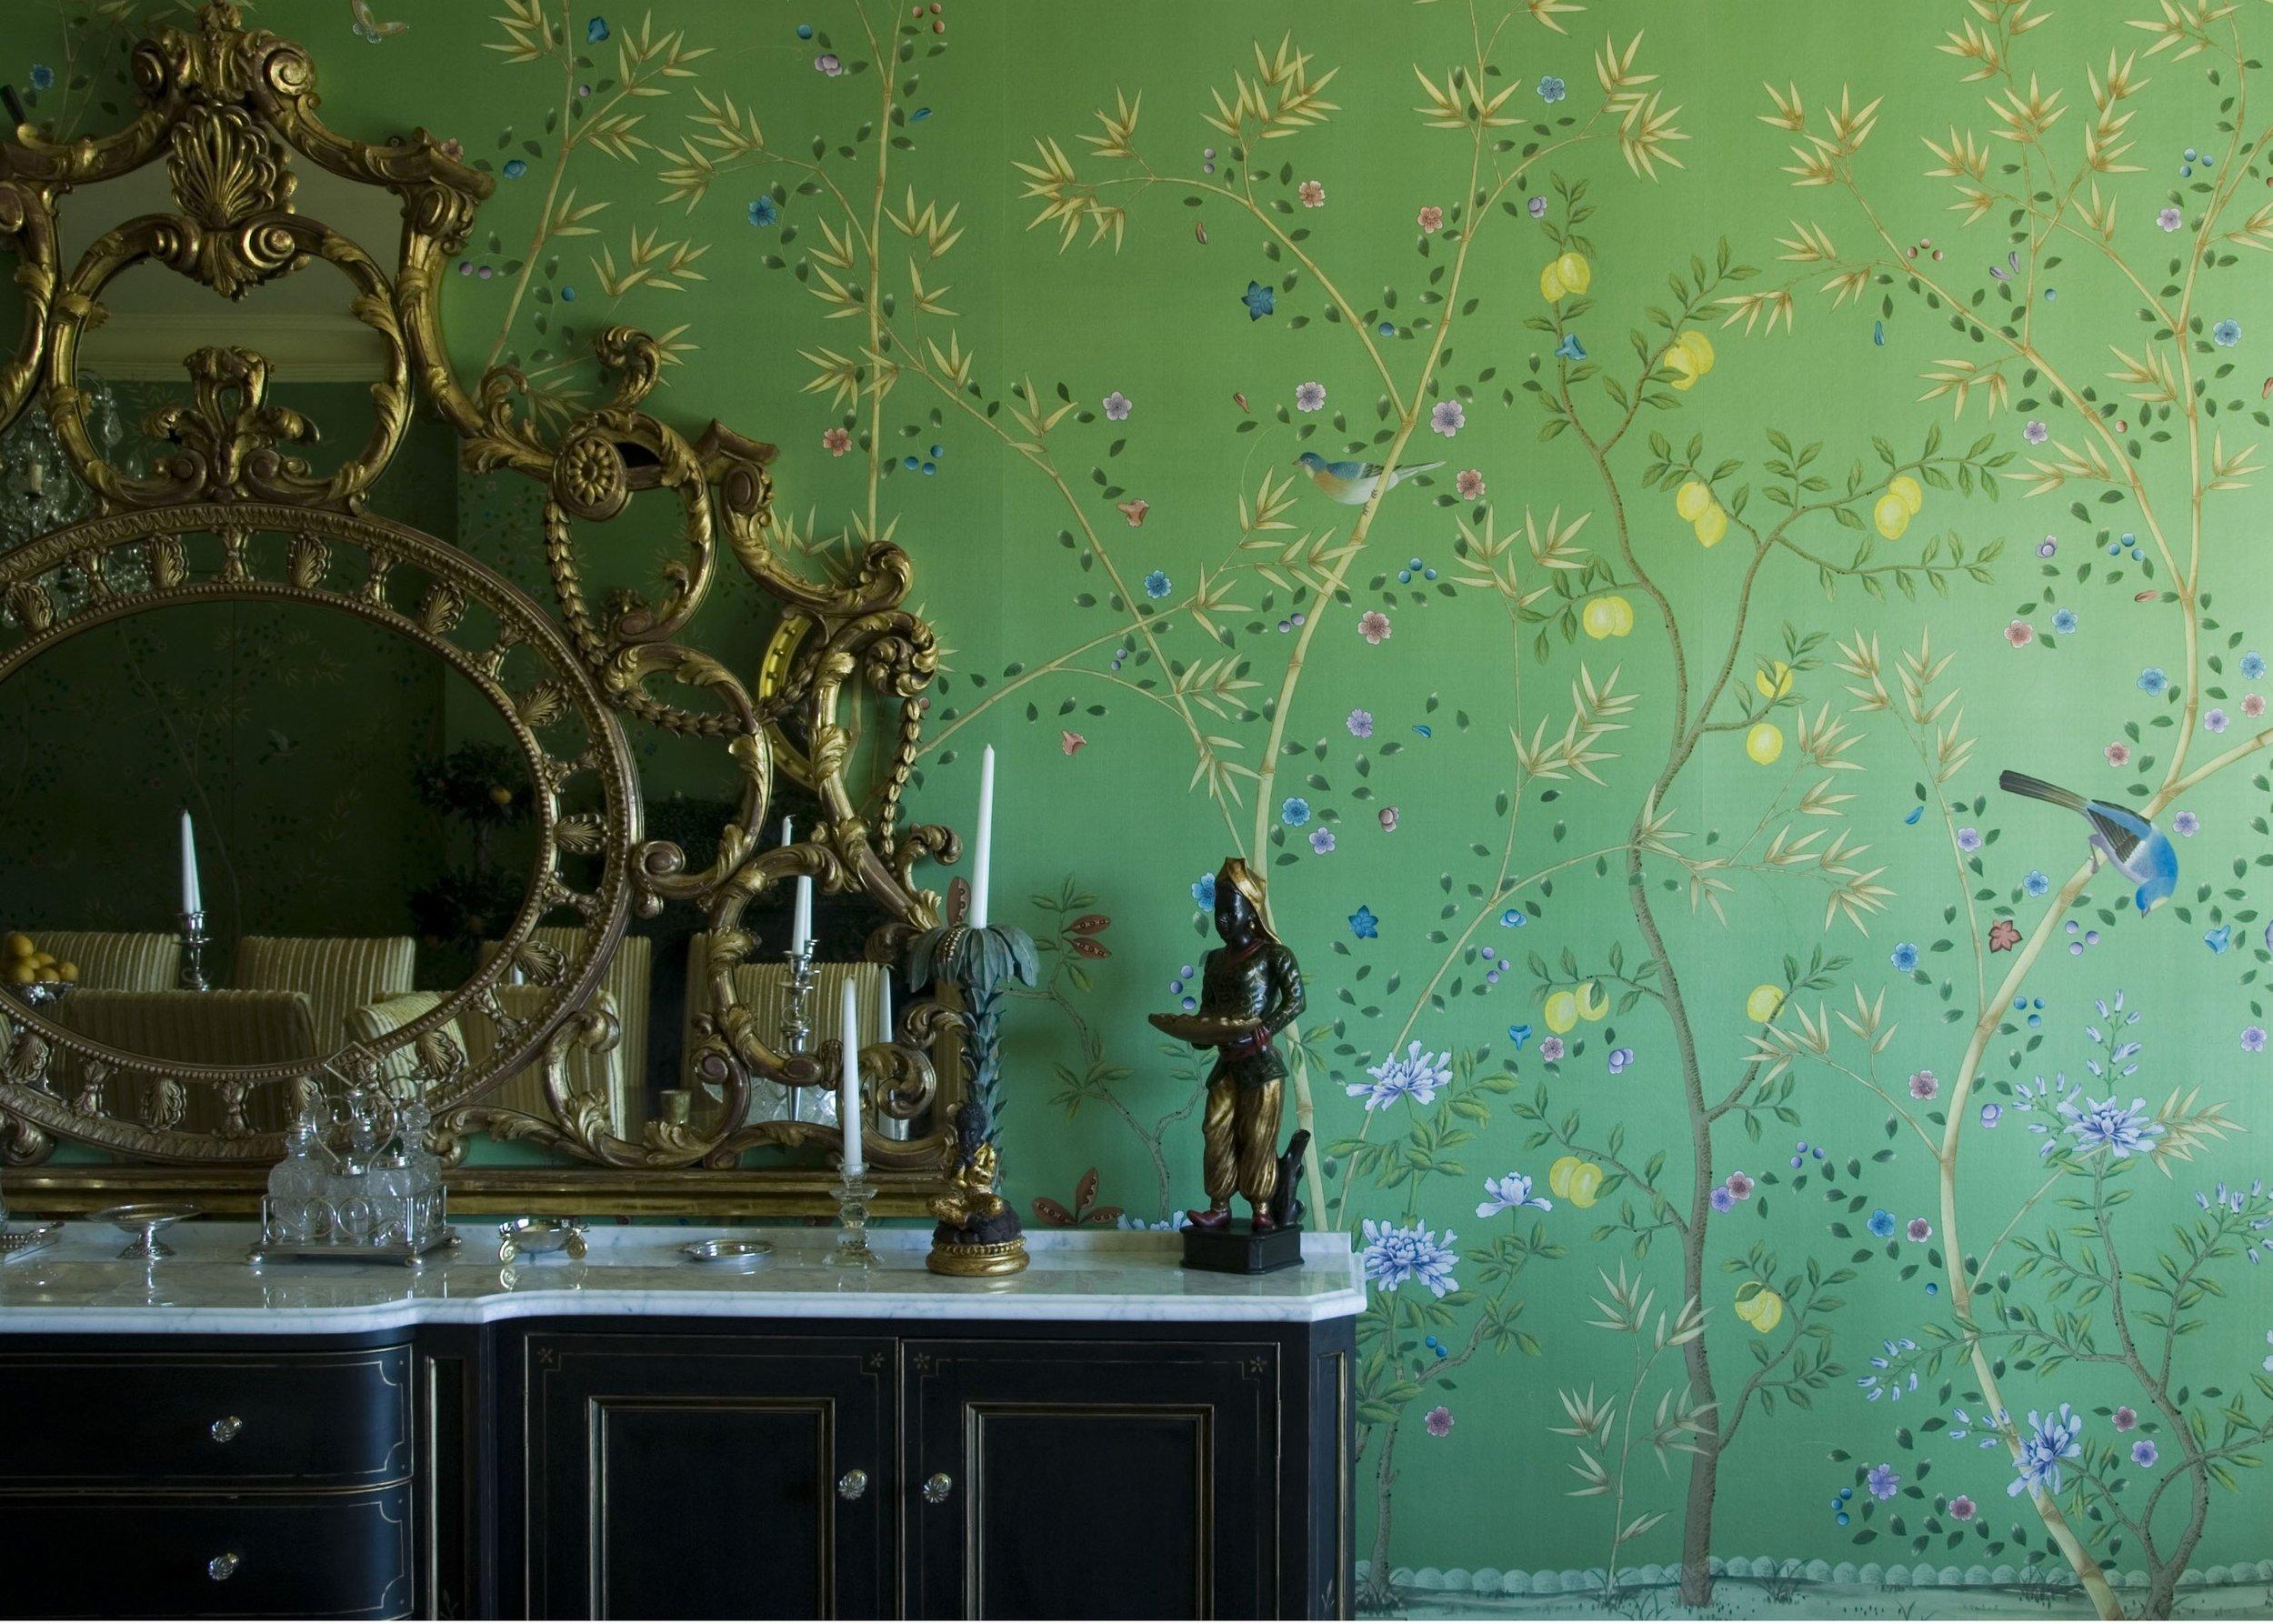 FROMENTAL tapéta smaragd zöld selyem alapon hímzett. Több színben rendelhető!